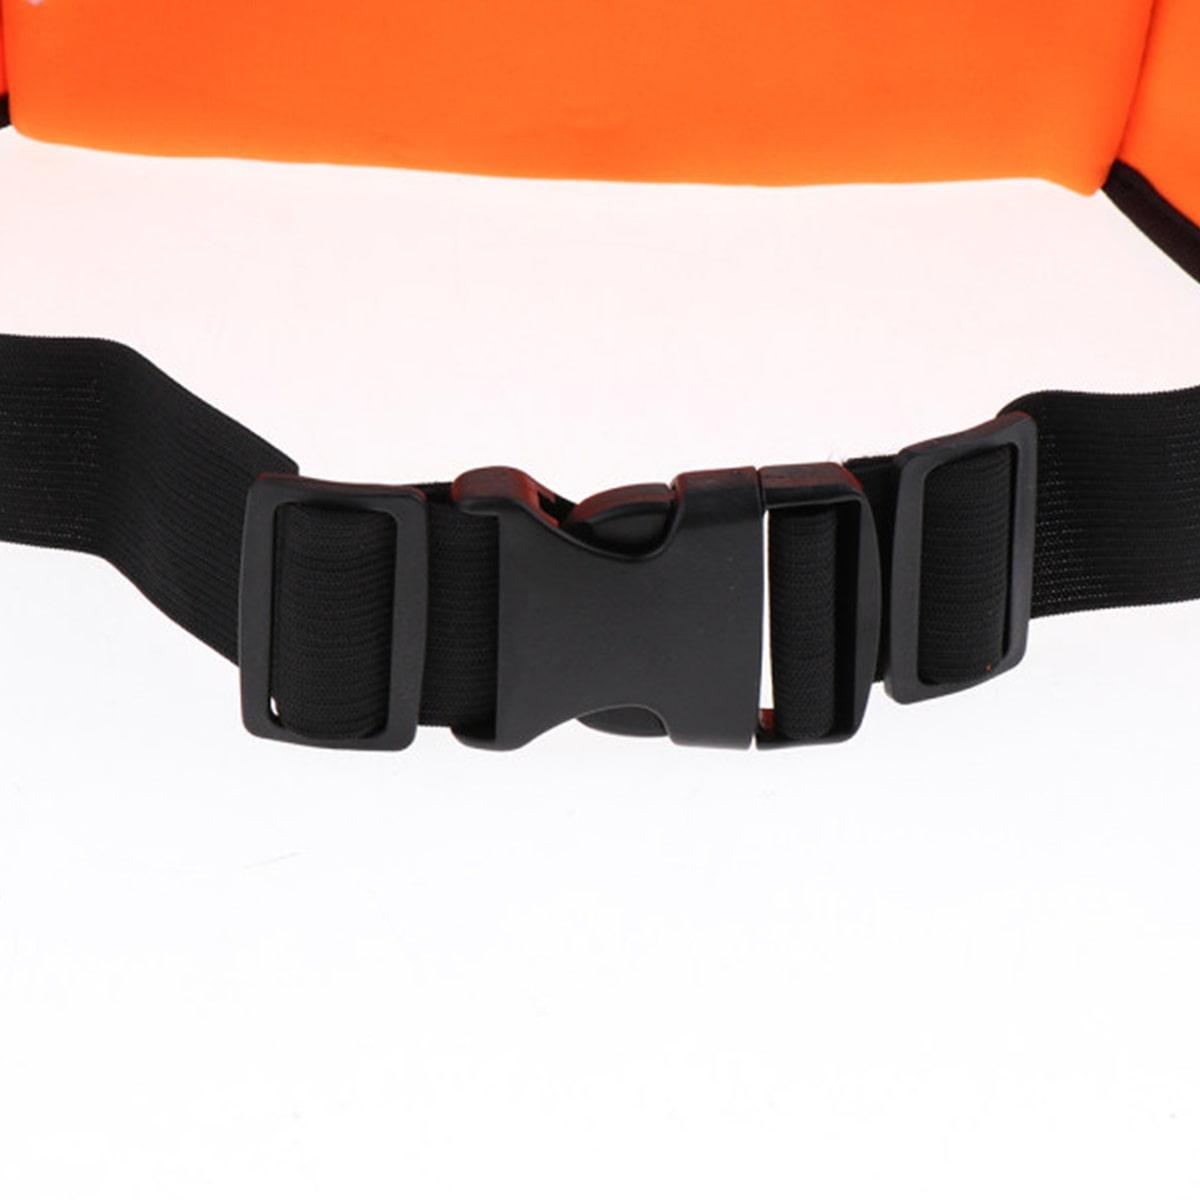 Сумка спортивная поясная для телефона оранжевая - фото 8